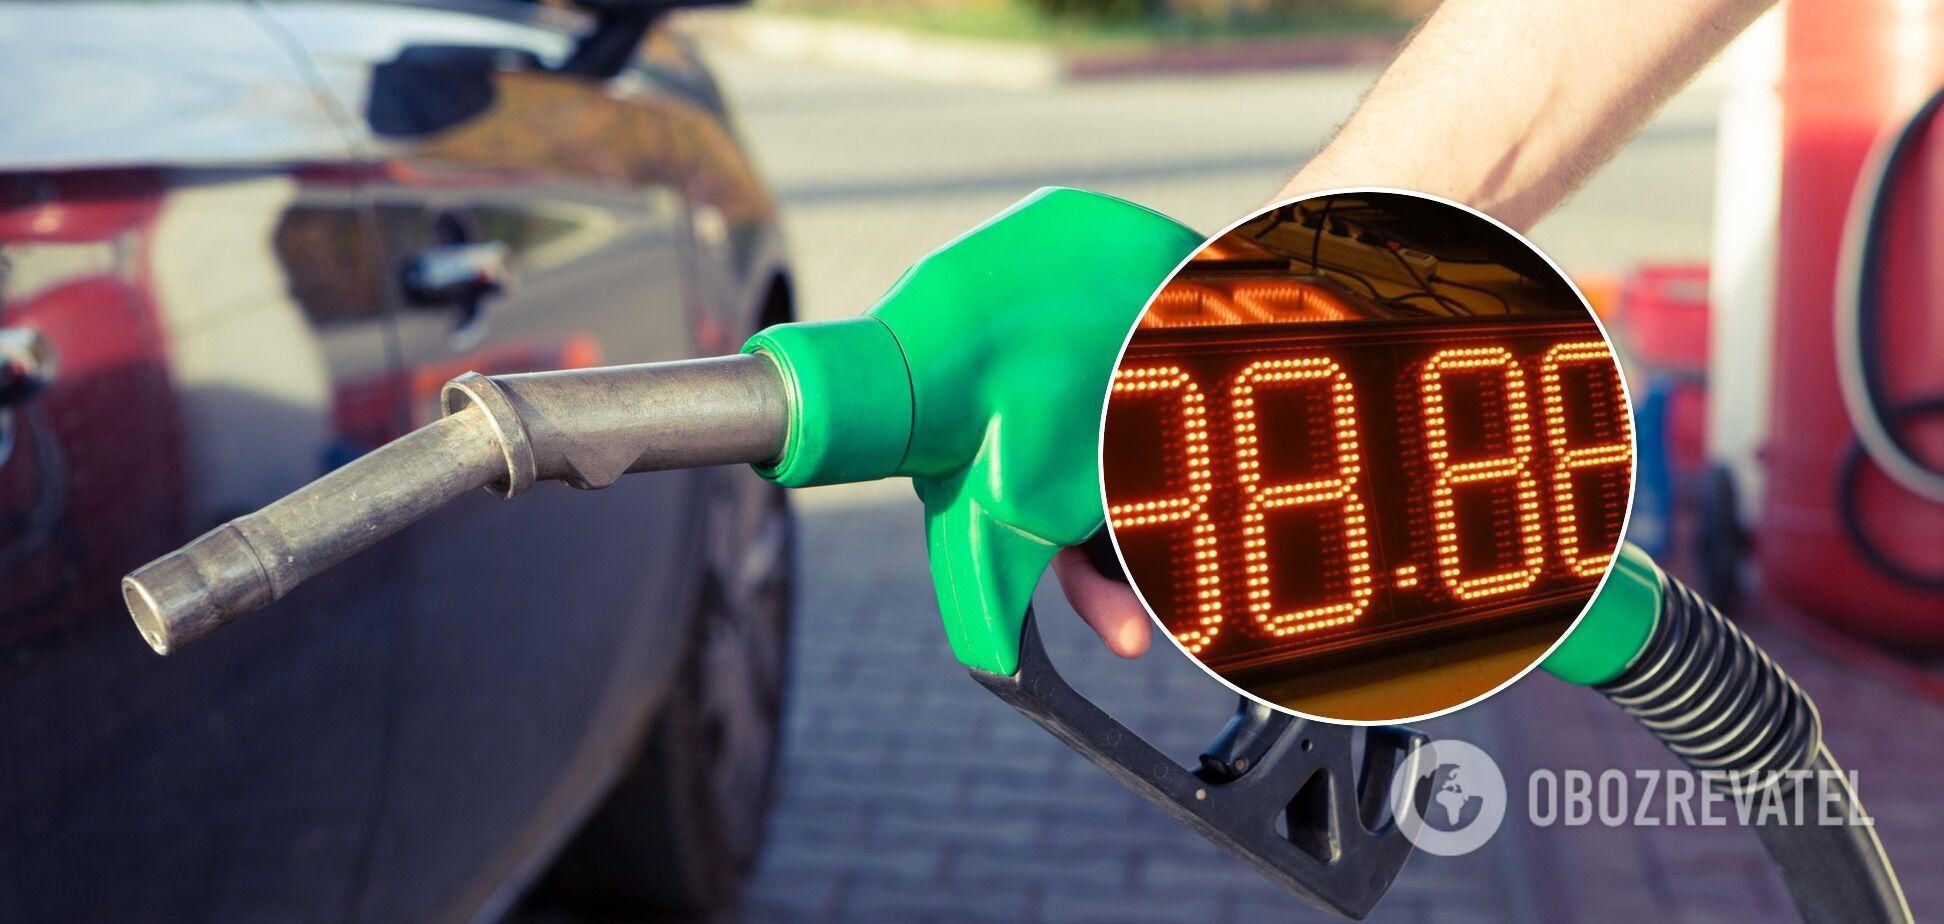 Мінекономіки дозволило АЗС підняти ціни на бензин на 23 коп/літр за формулою 'Роттердам+'